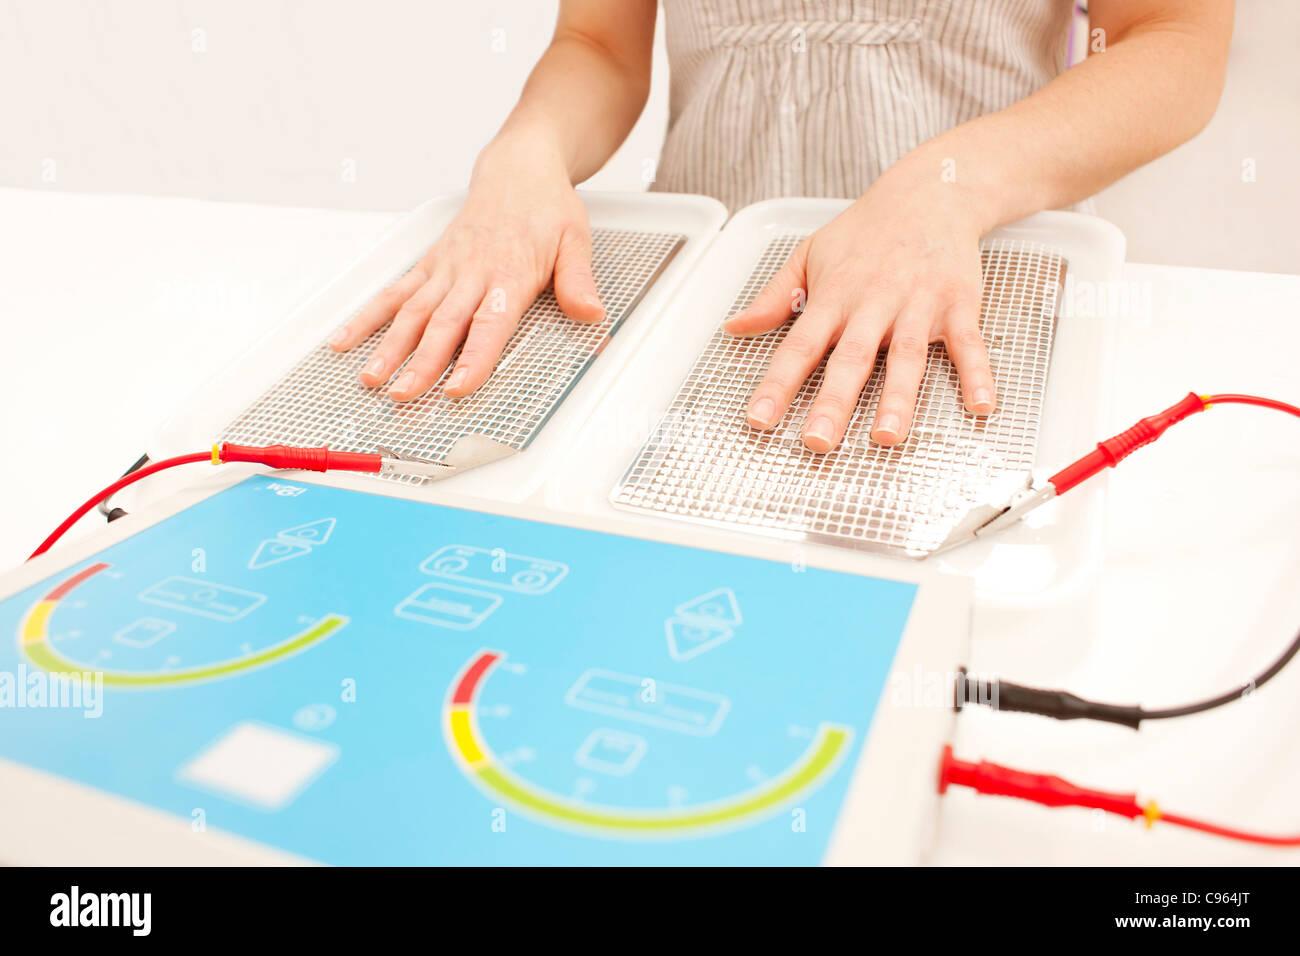 Iontoforesis. Este es un tratamiento para el exceso de sudoración de las manos. Imagen De Stock